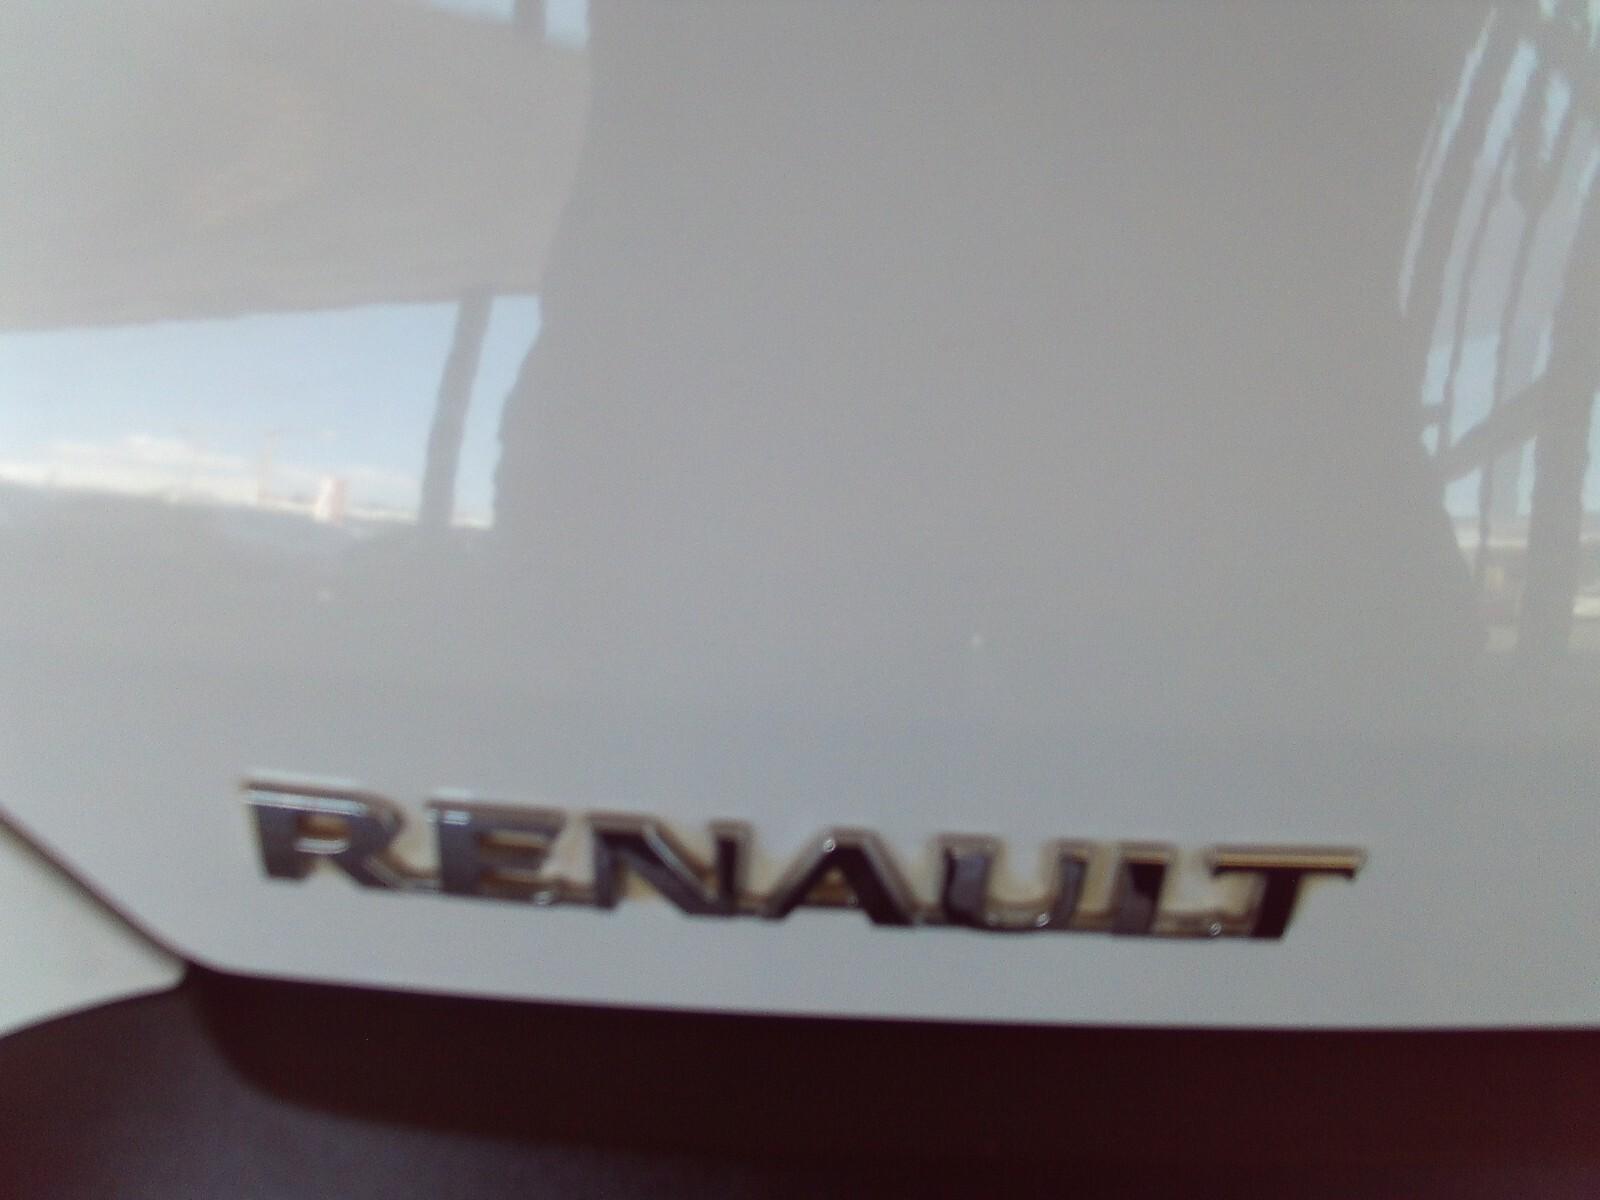 RENAULT 1.0 EXPRESSION 5DR Pretoria 15335460